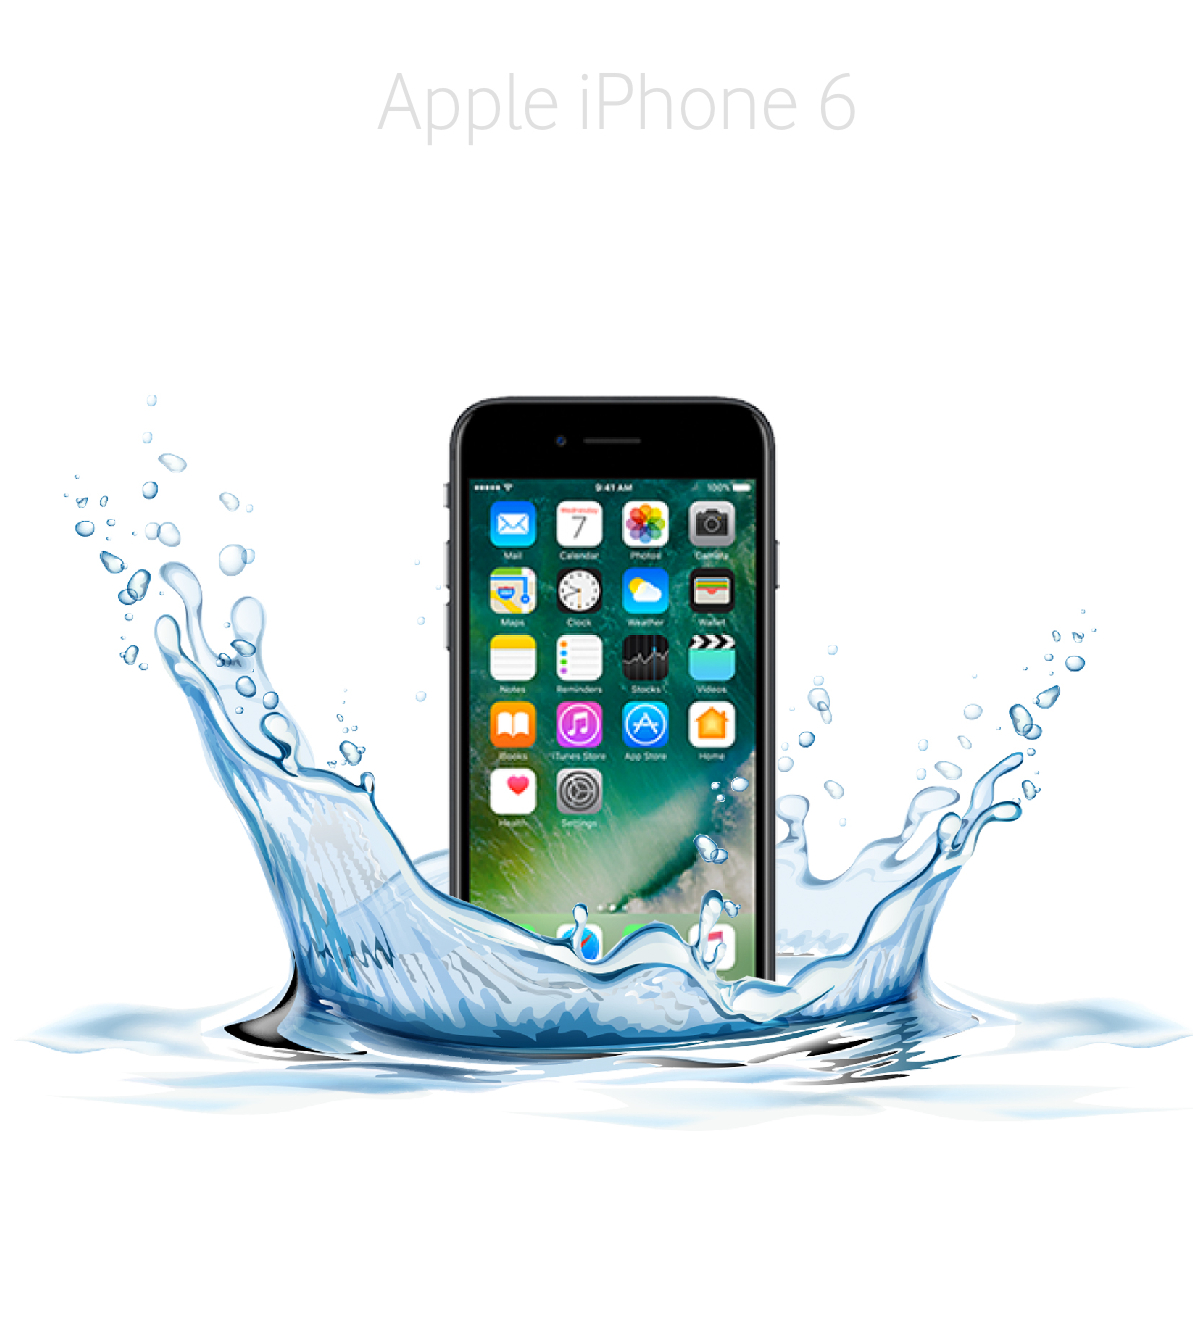 Laga fukt/vattenskadad iPhone 6